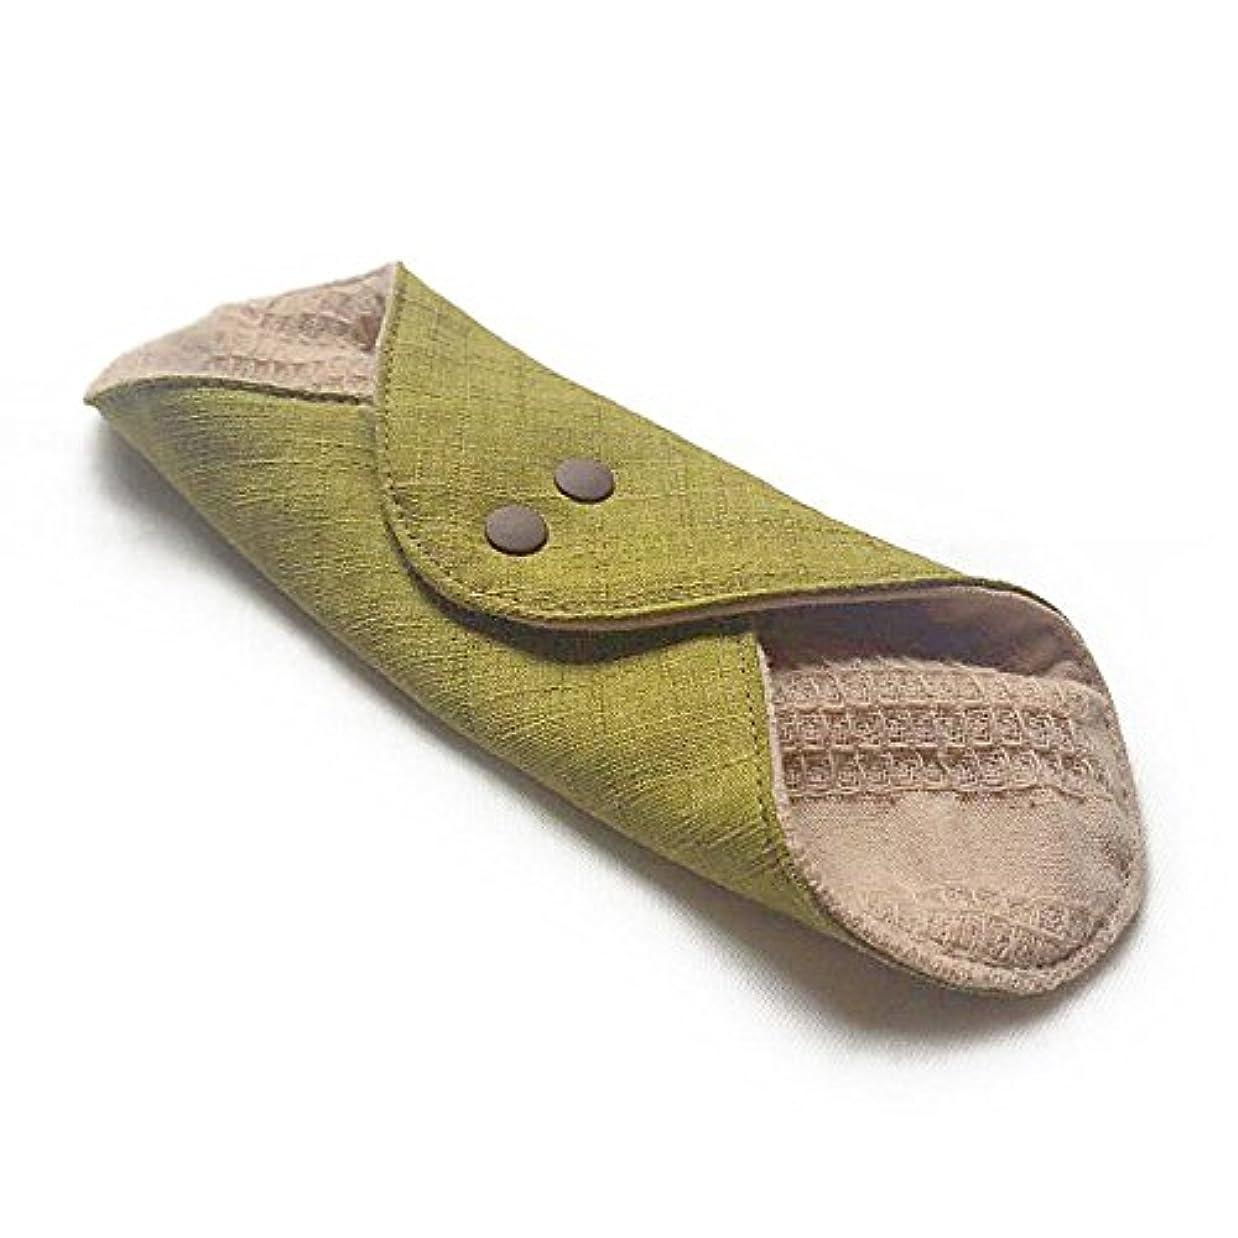 行政アプライアンスがっかりした華布のオーガニックコットンのあたため布 Mサイズ(約15×約15cm) 彩り(抹茶)